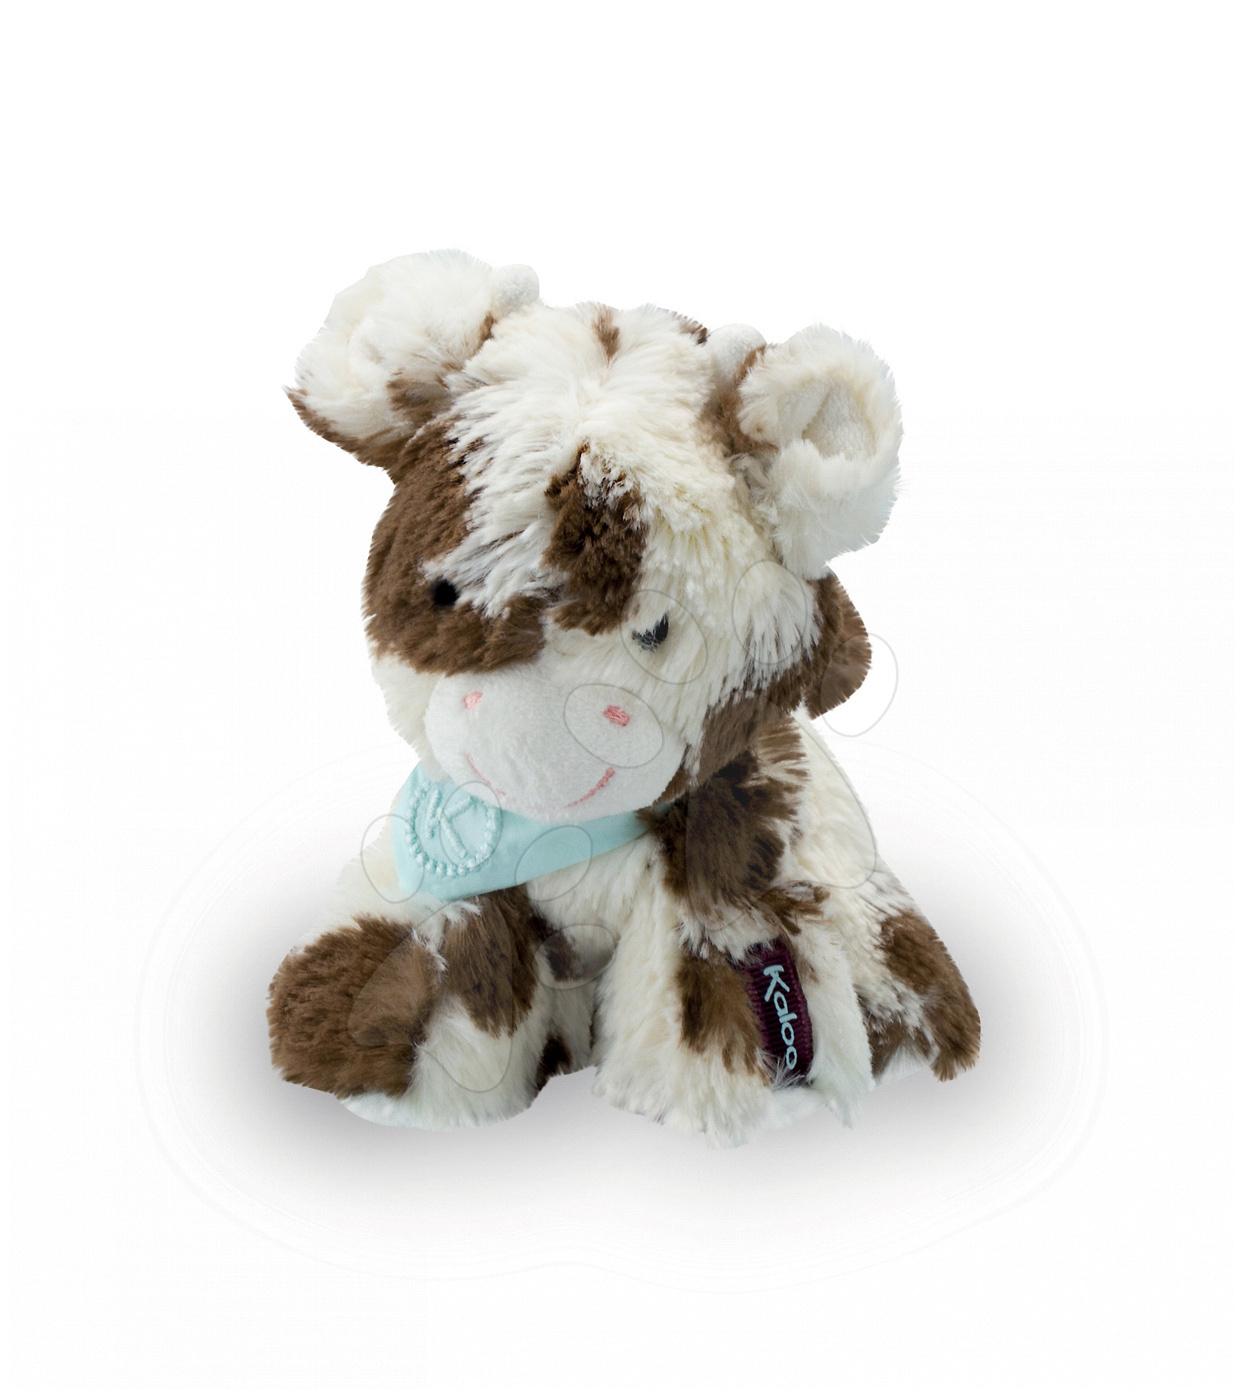 Plyšové zvieratká - Plyšová kravička Milky Les Amis-Vache Kaloo 19 cm v darčekovom balení pre najmenších